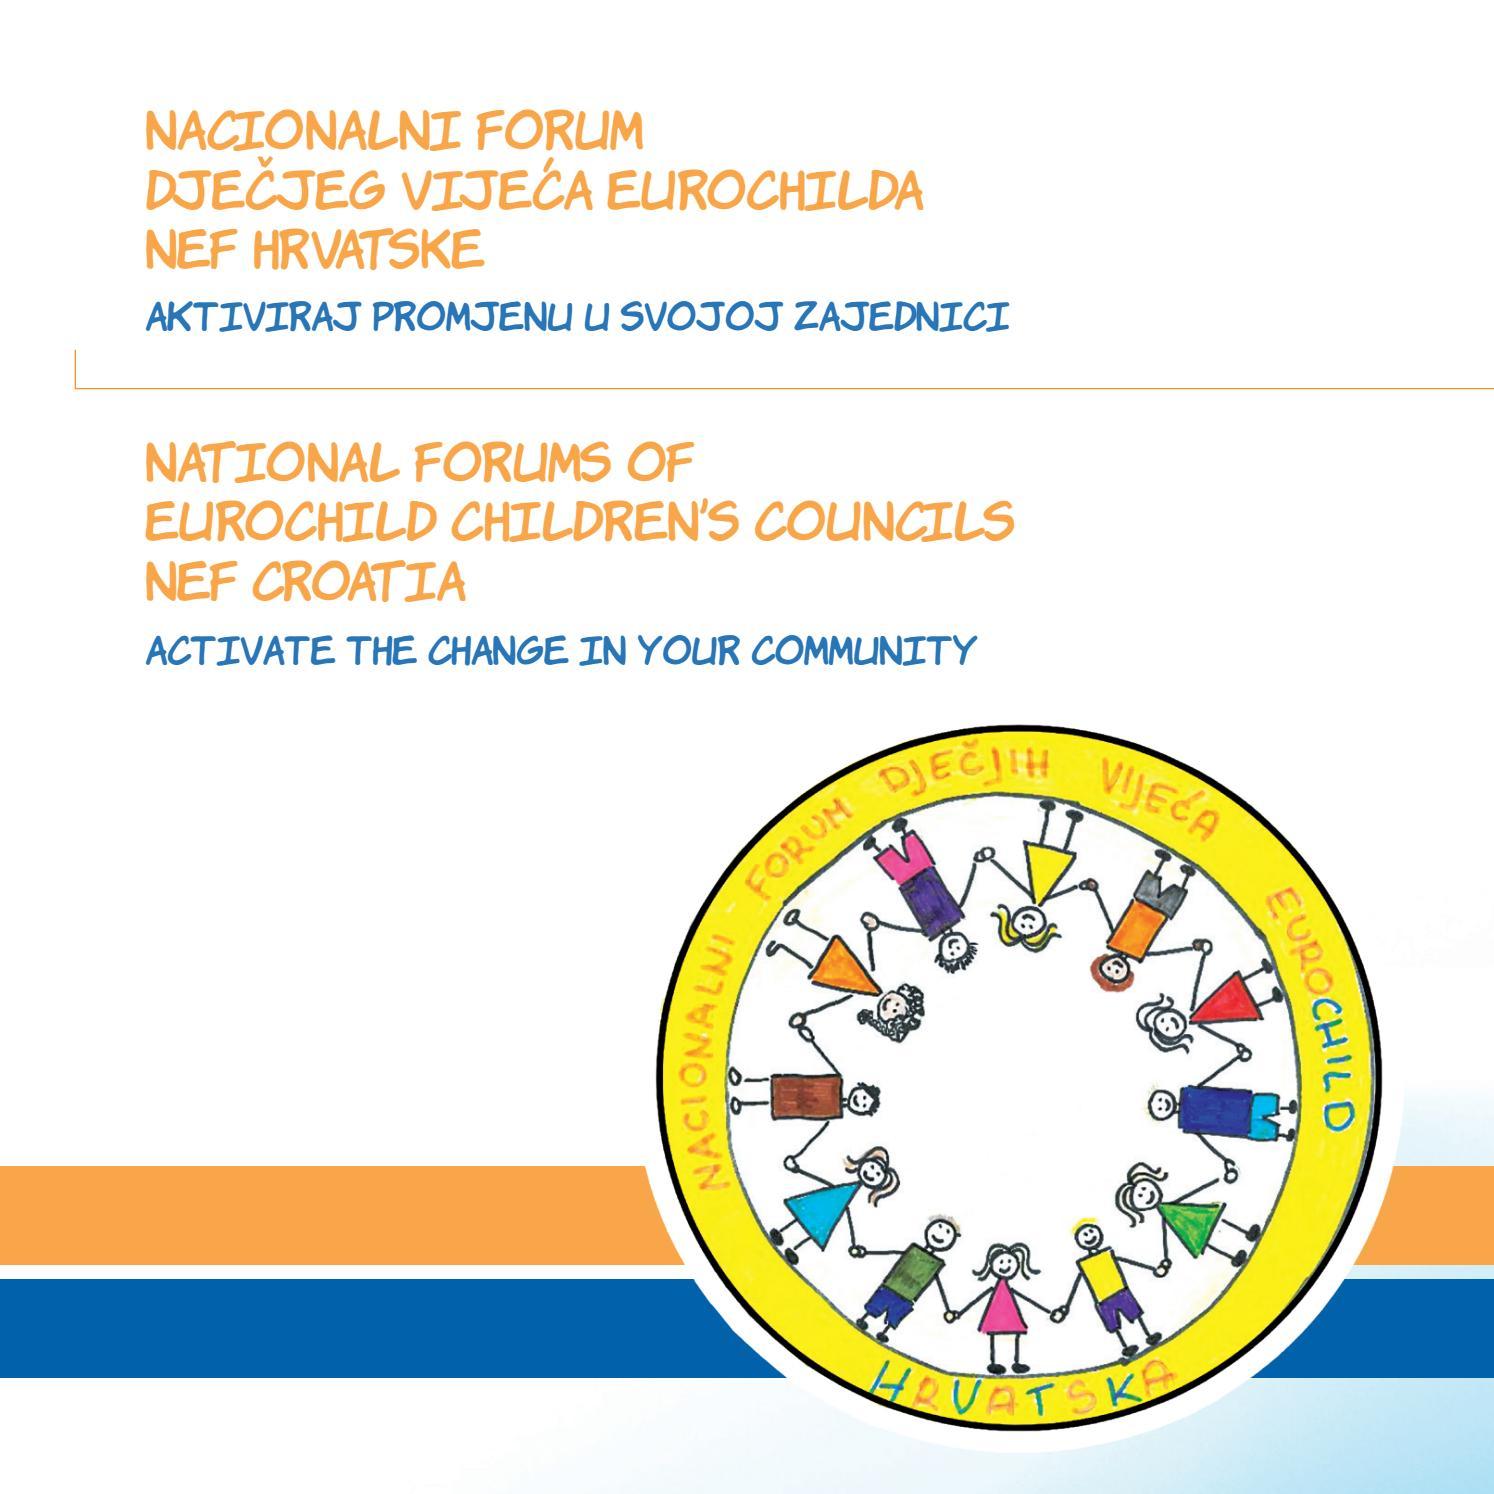 Sajtovi za upoznavanje u hrvatskoj forum